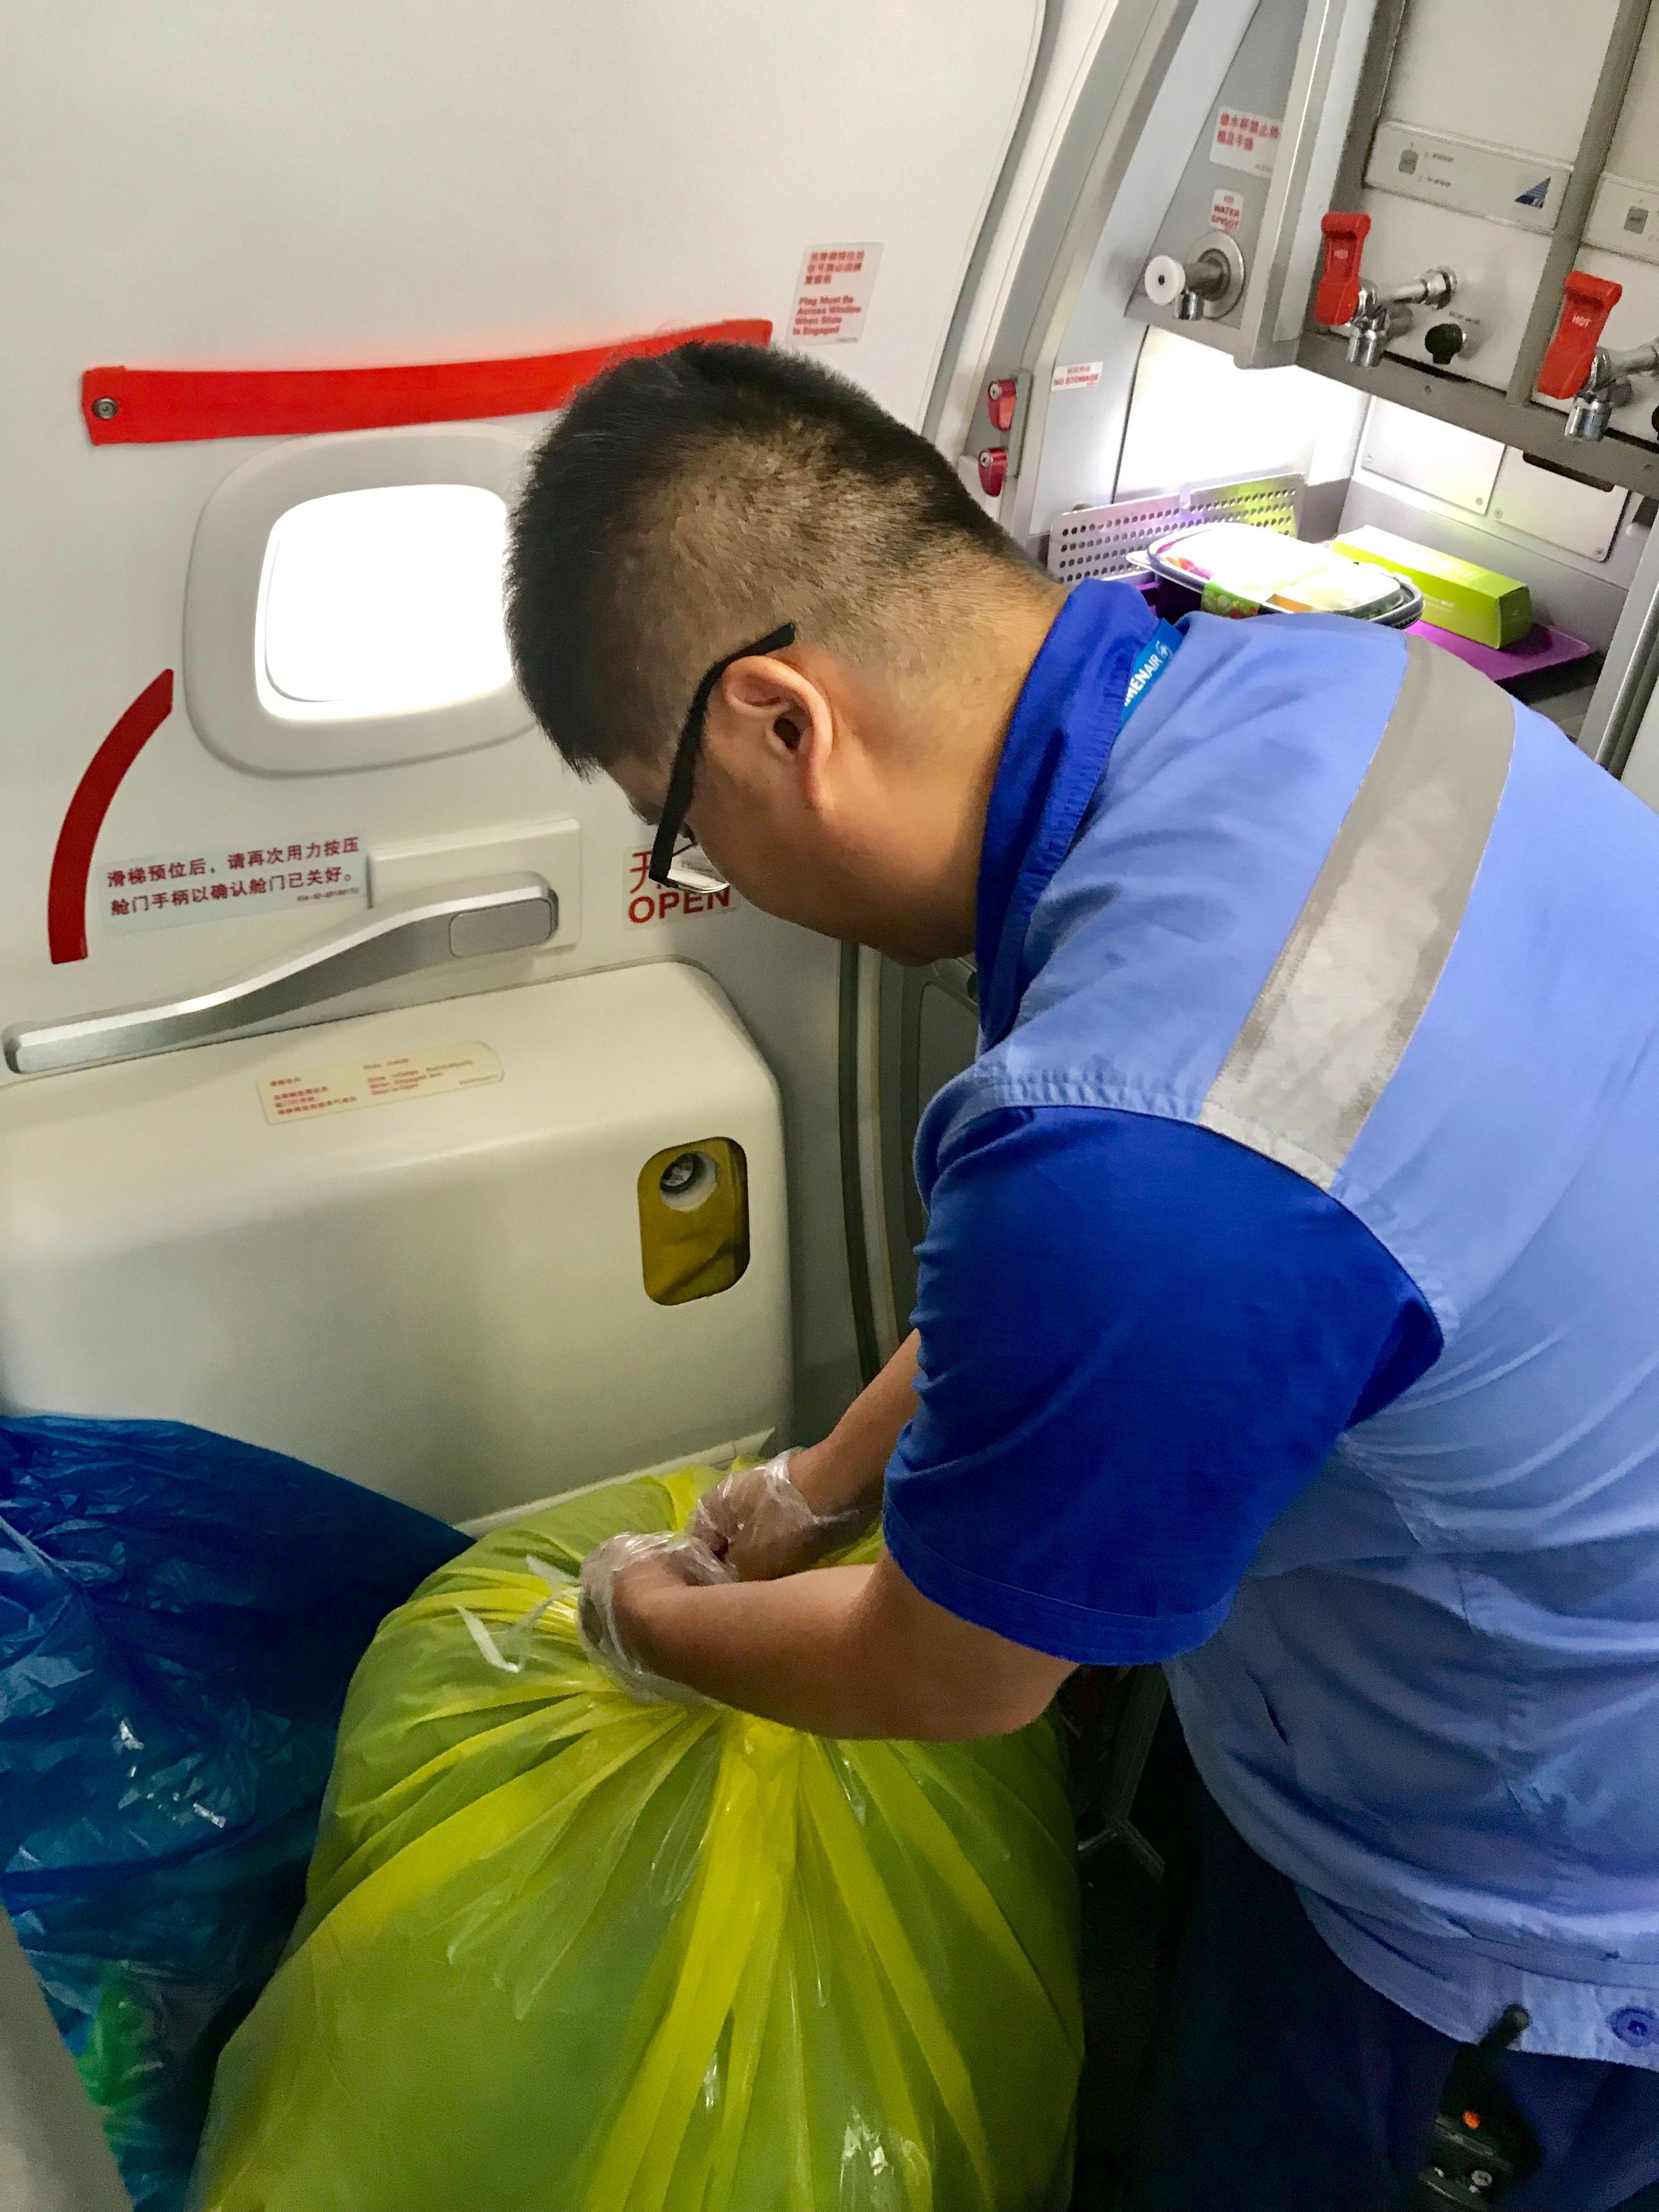 客舱清洁人员回收垃圾